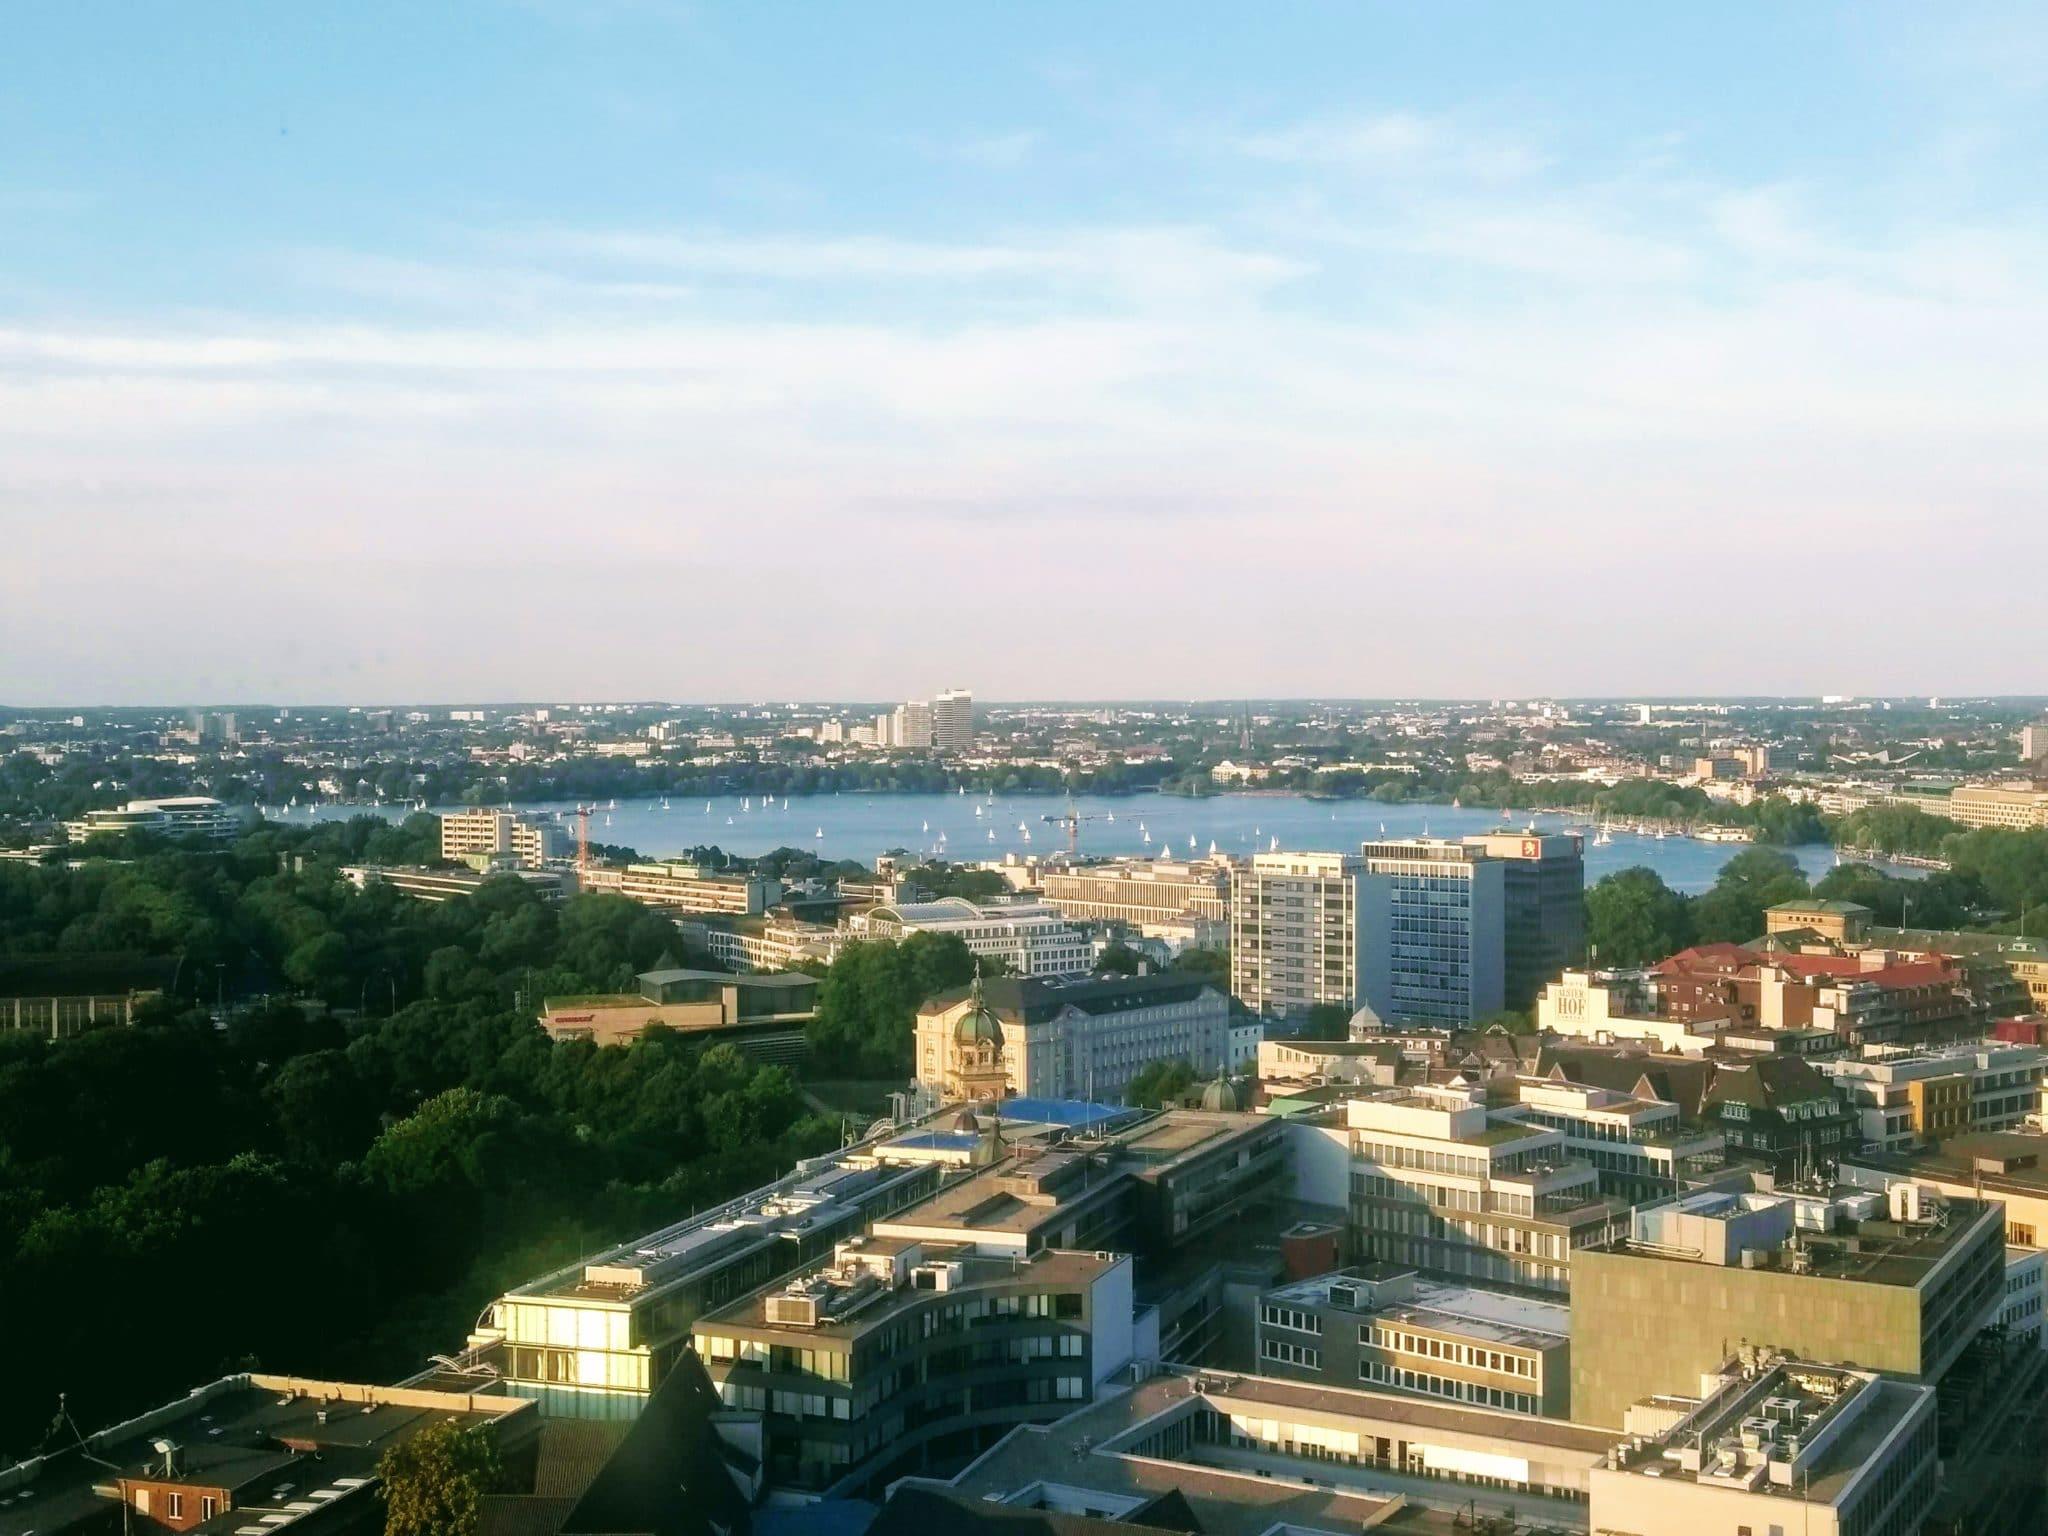 Das heisseste Wochenende in Hamburg vom 27.-29. Juli 2018 in der heissesten Stadt der Welt